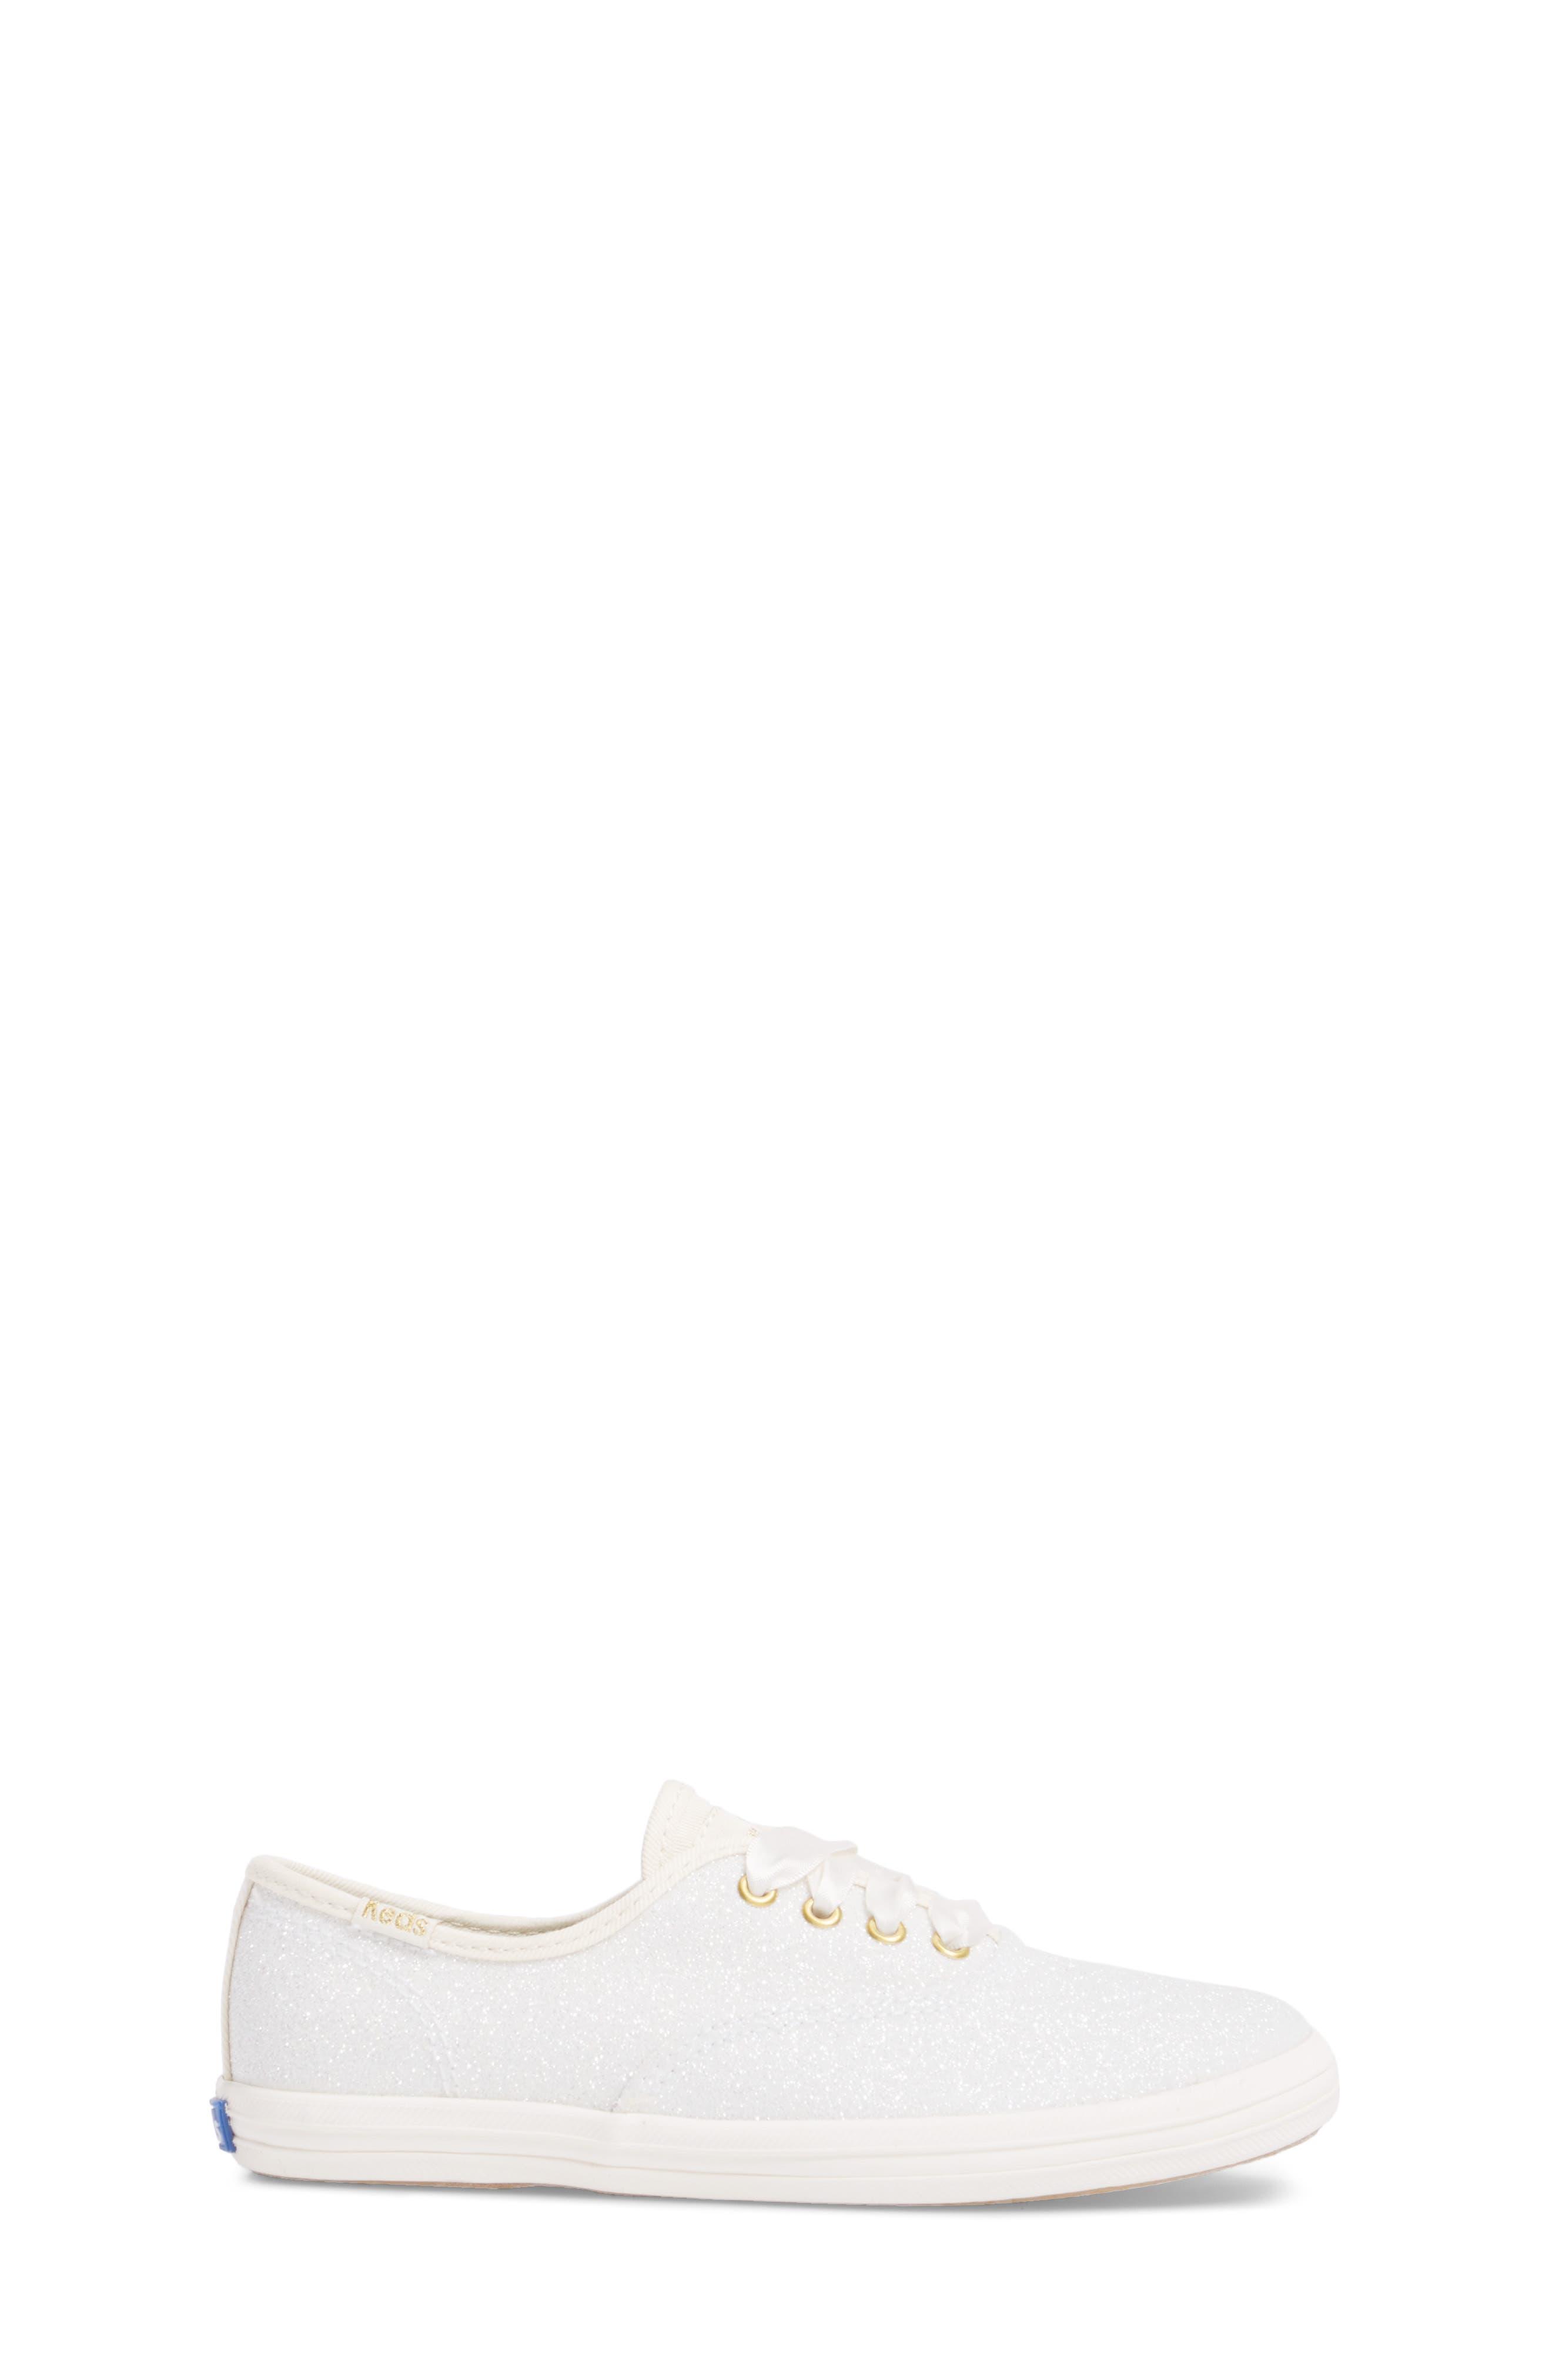 x kate spade new york Champion Glitter Sneaker,                             Alternate thumbnail 3, color,                             CREAM